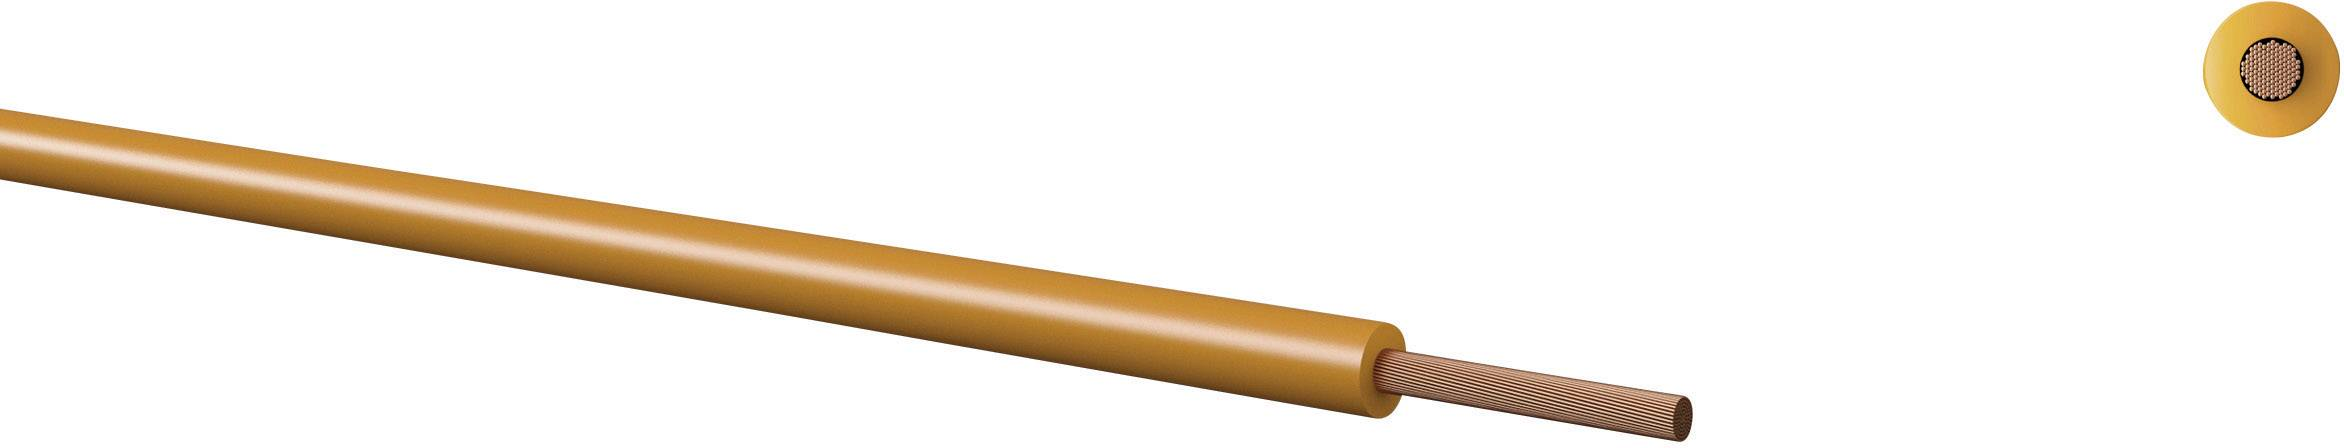 Opletenie / lanko Kabeltronik 160125007 LiFY, 1 x 2.50 mm², vonkajší Ø 3.80 mm, metrový tovar, modrá